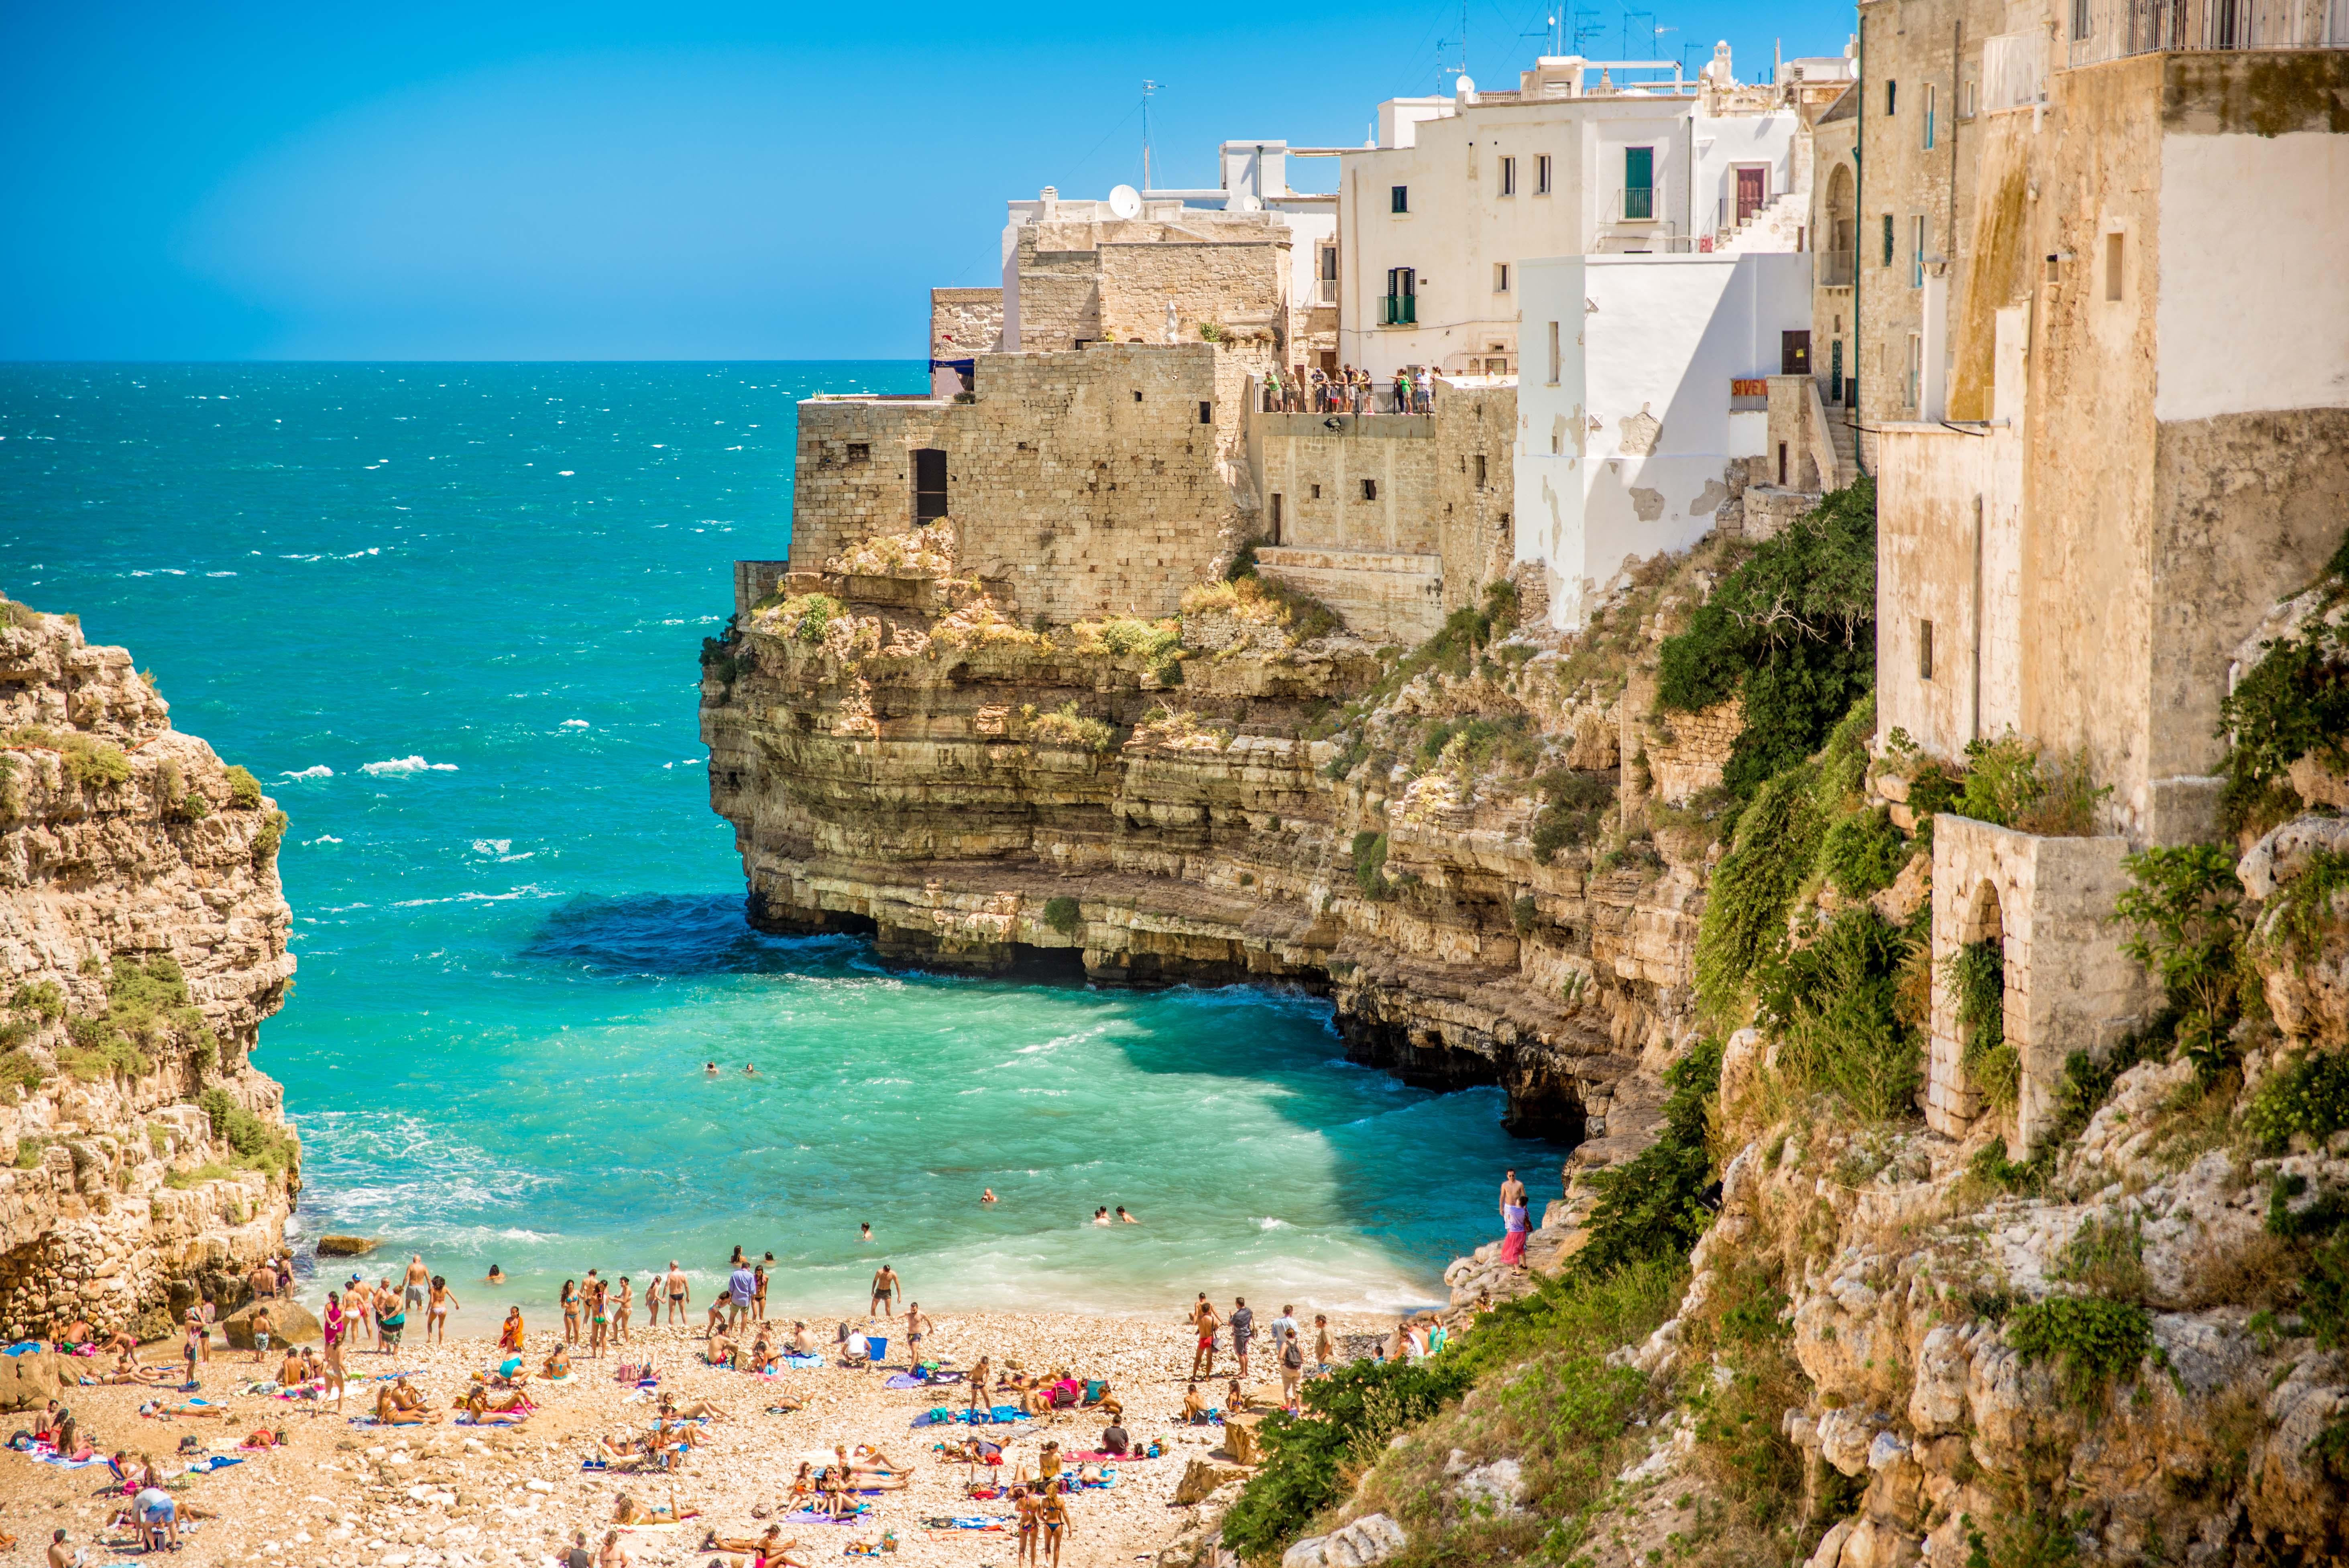 Une semaine dans les pouilles en Italie blogvoyage Icietlabas